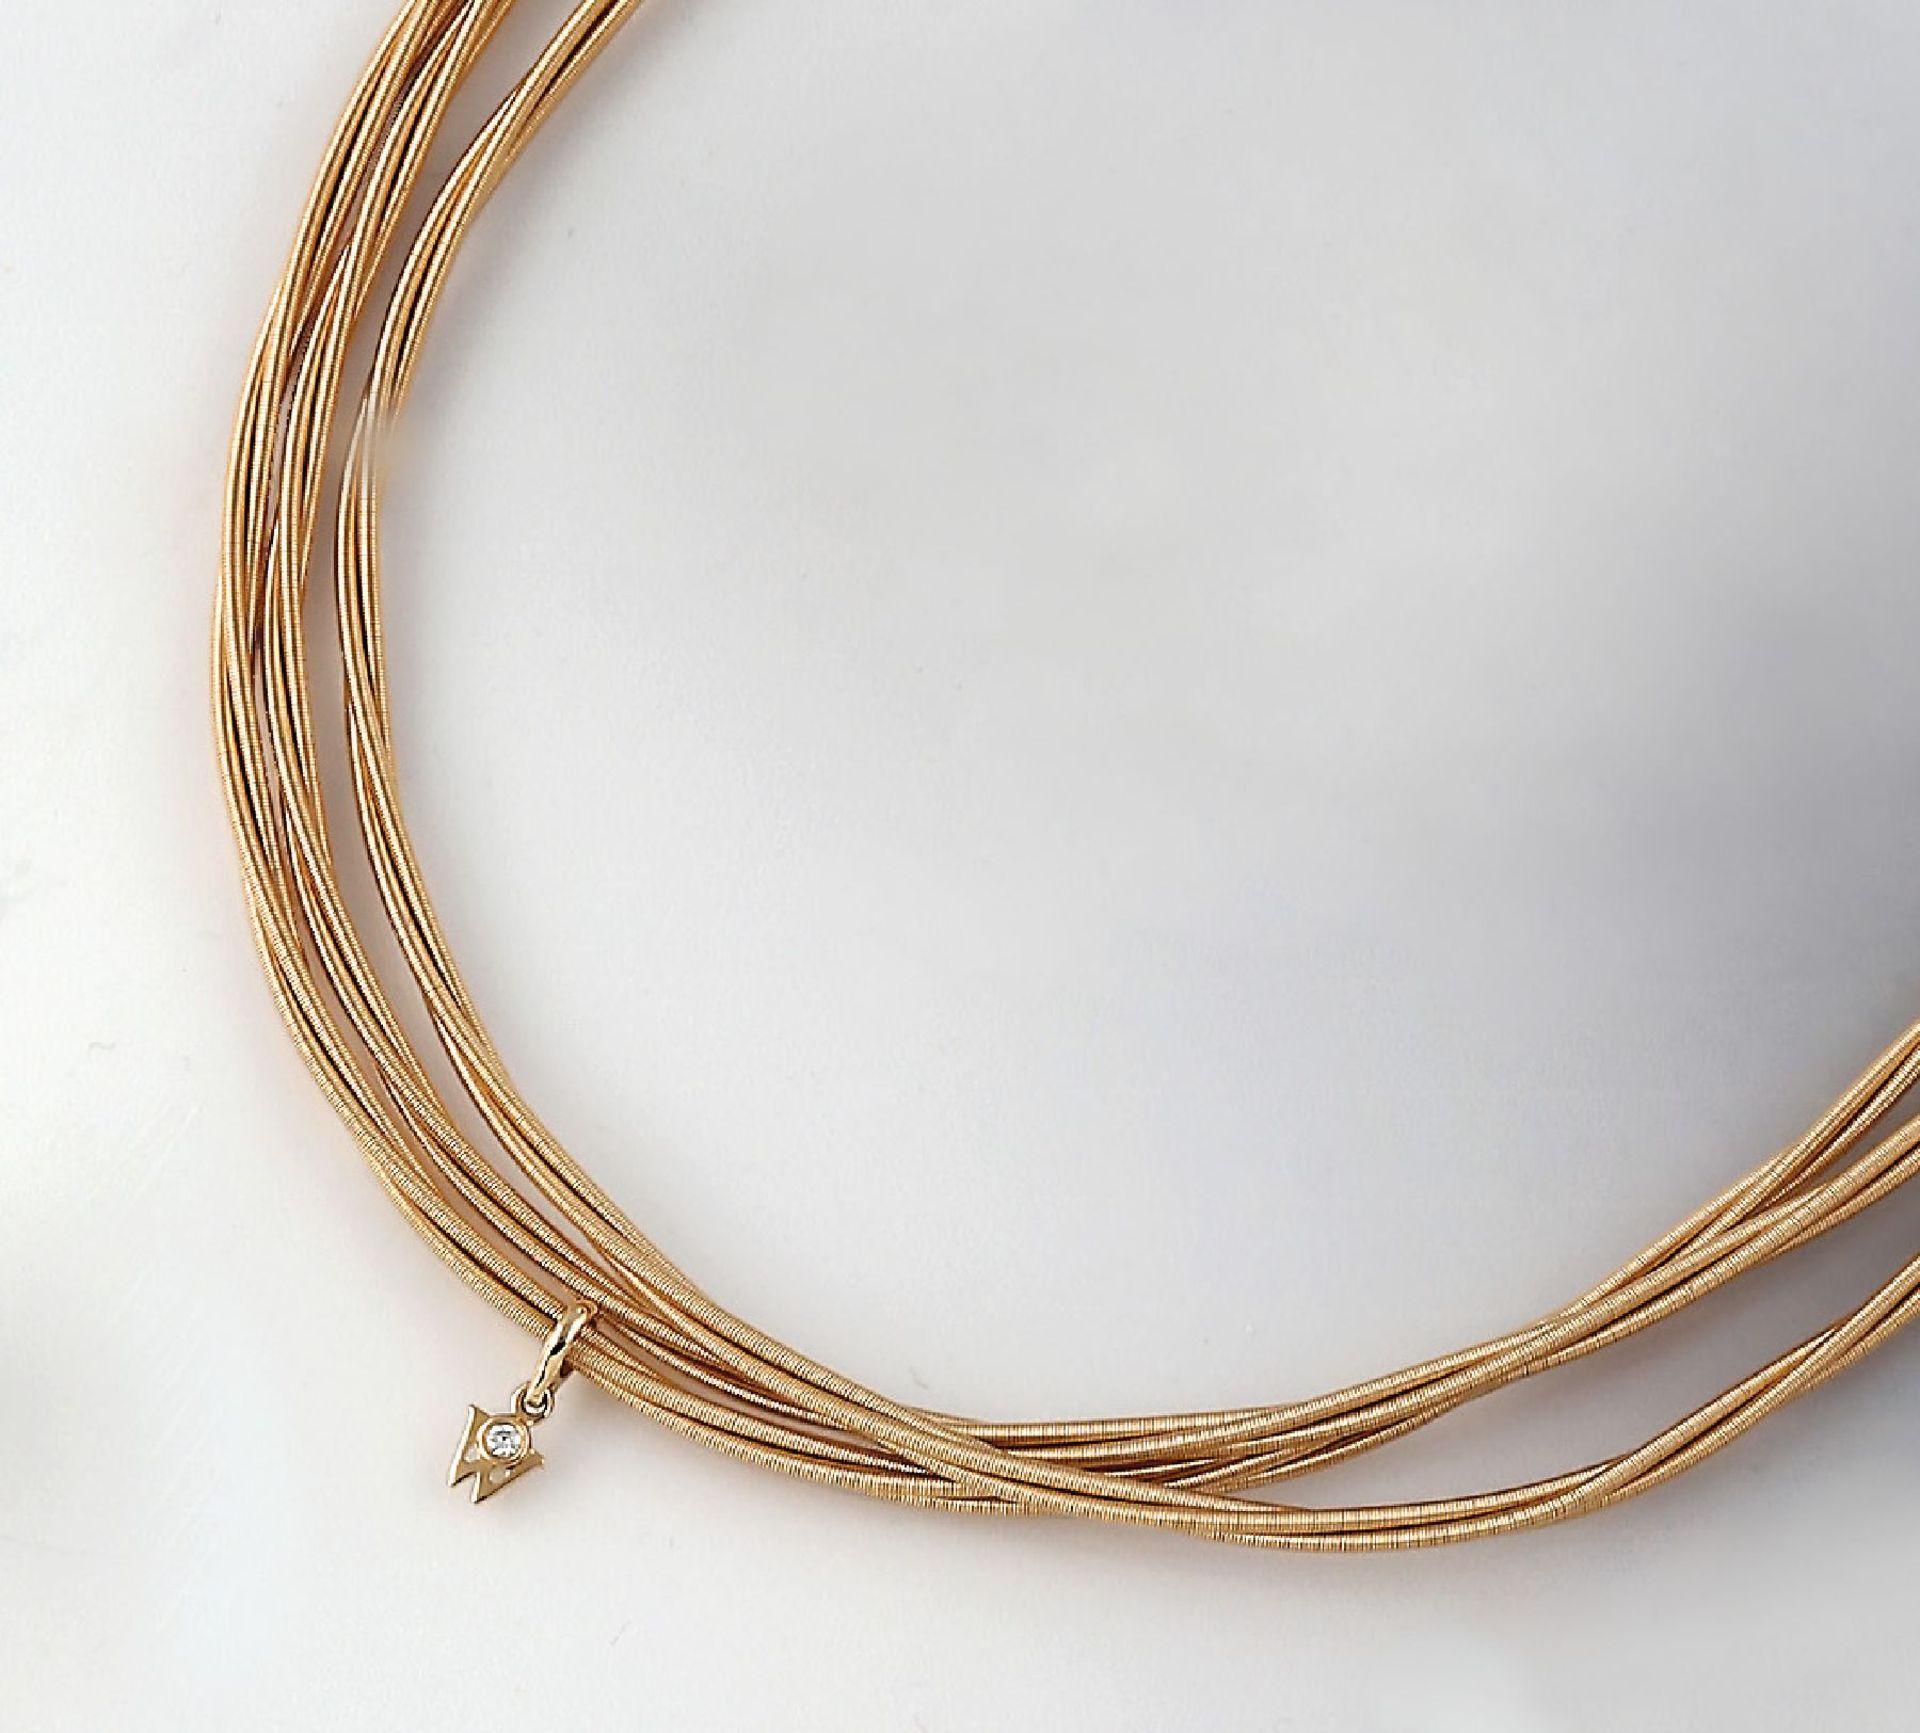 18 kt Gold WELLENDORFF-Collier Zartes Glück, GG 750/000, 3-reihig, jede Reihe jeweils nochmal aus